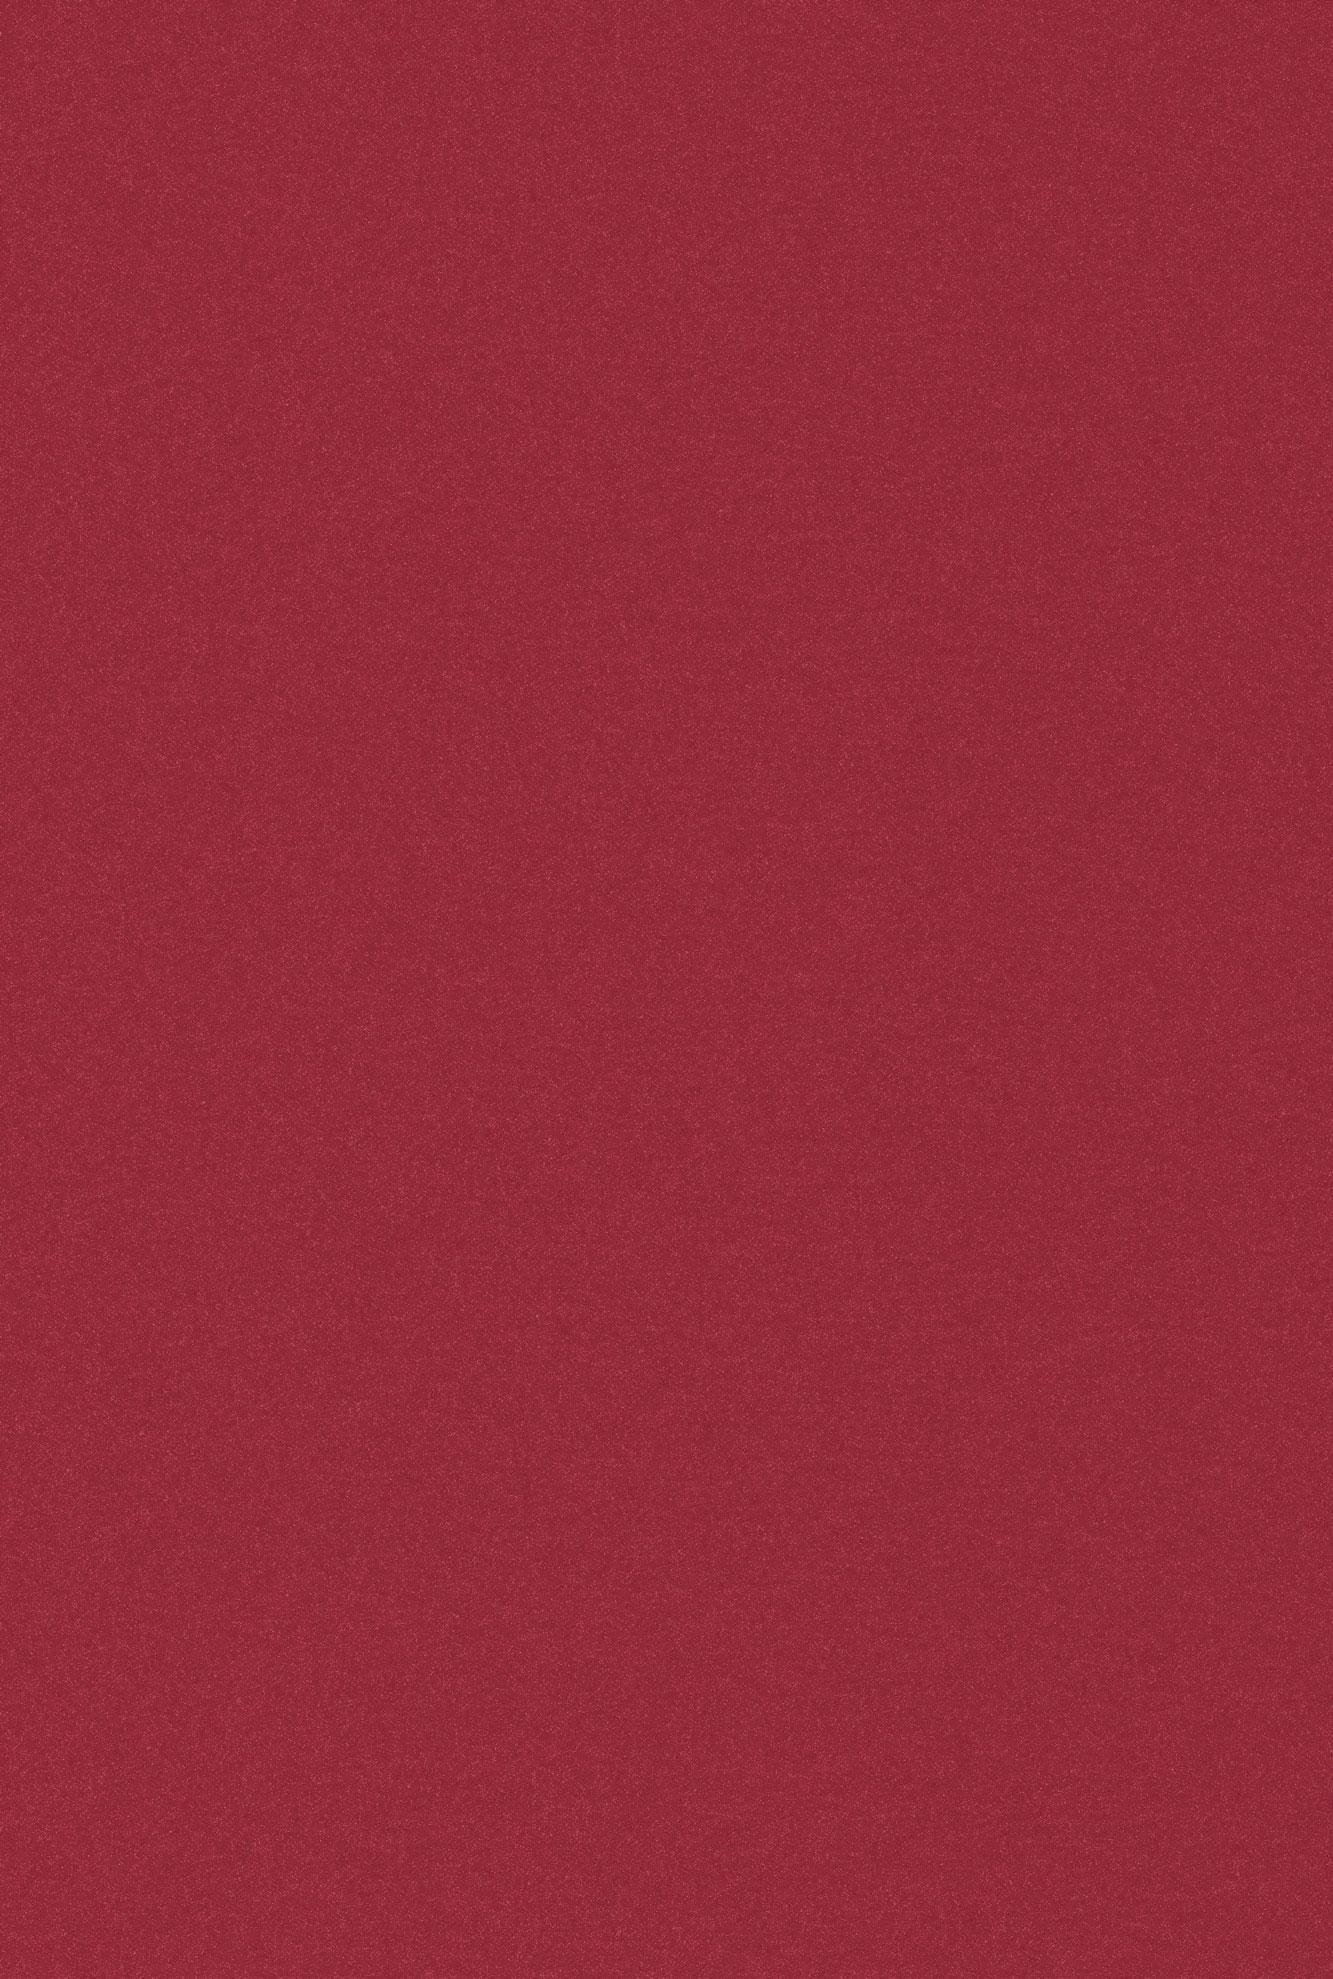 4006 HG Красный